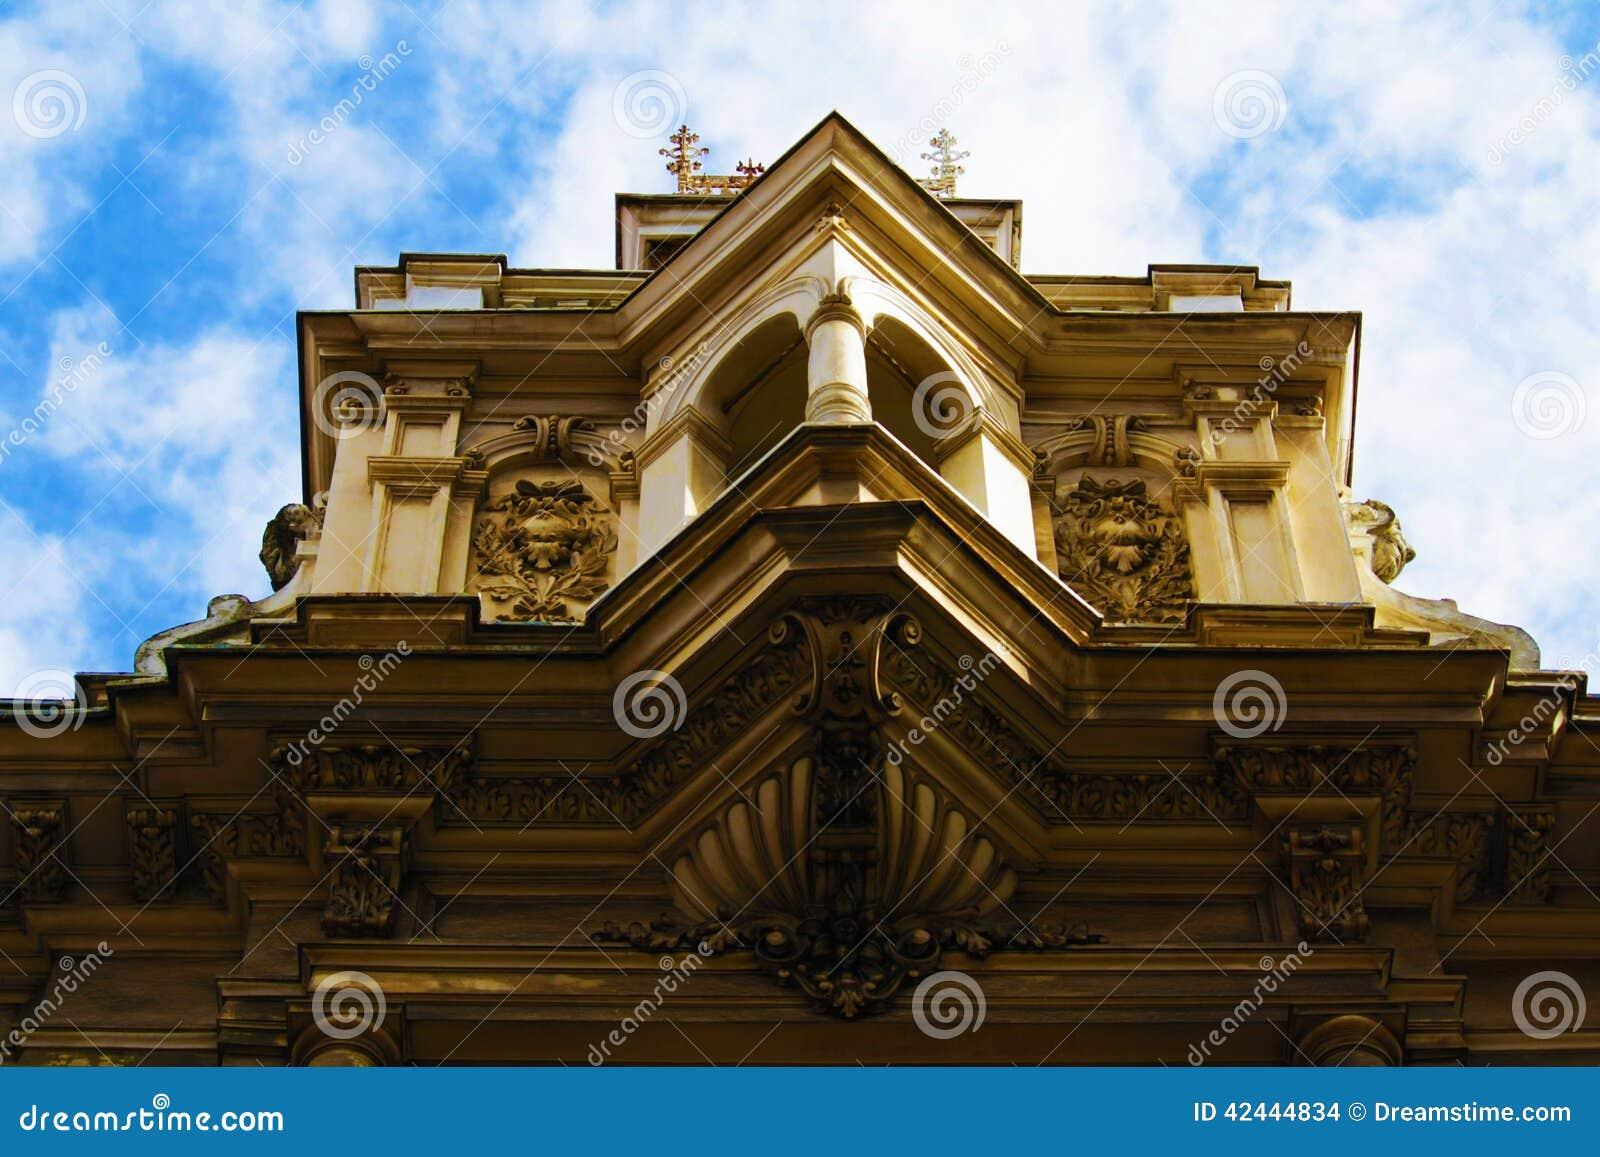 Cubra el top de y el edificio céntrico de Zagreb, Croacia, fondo del cielo azul